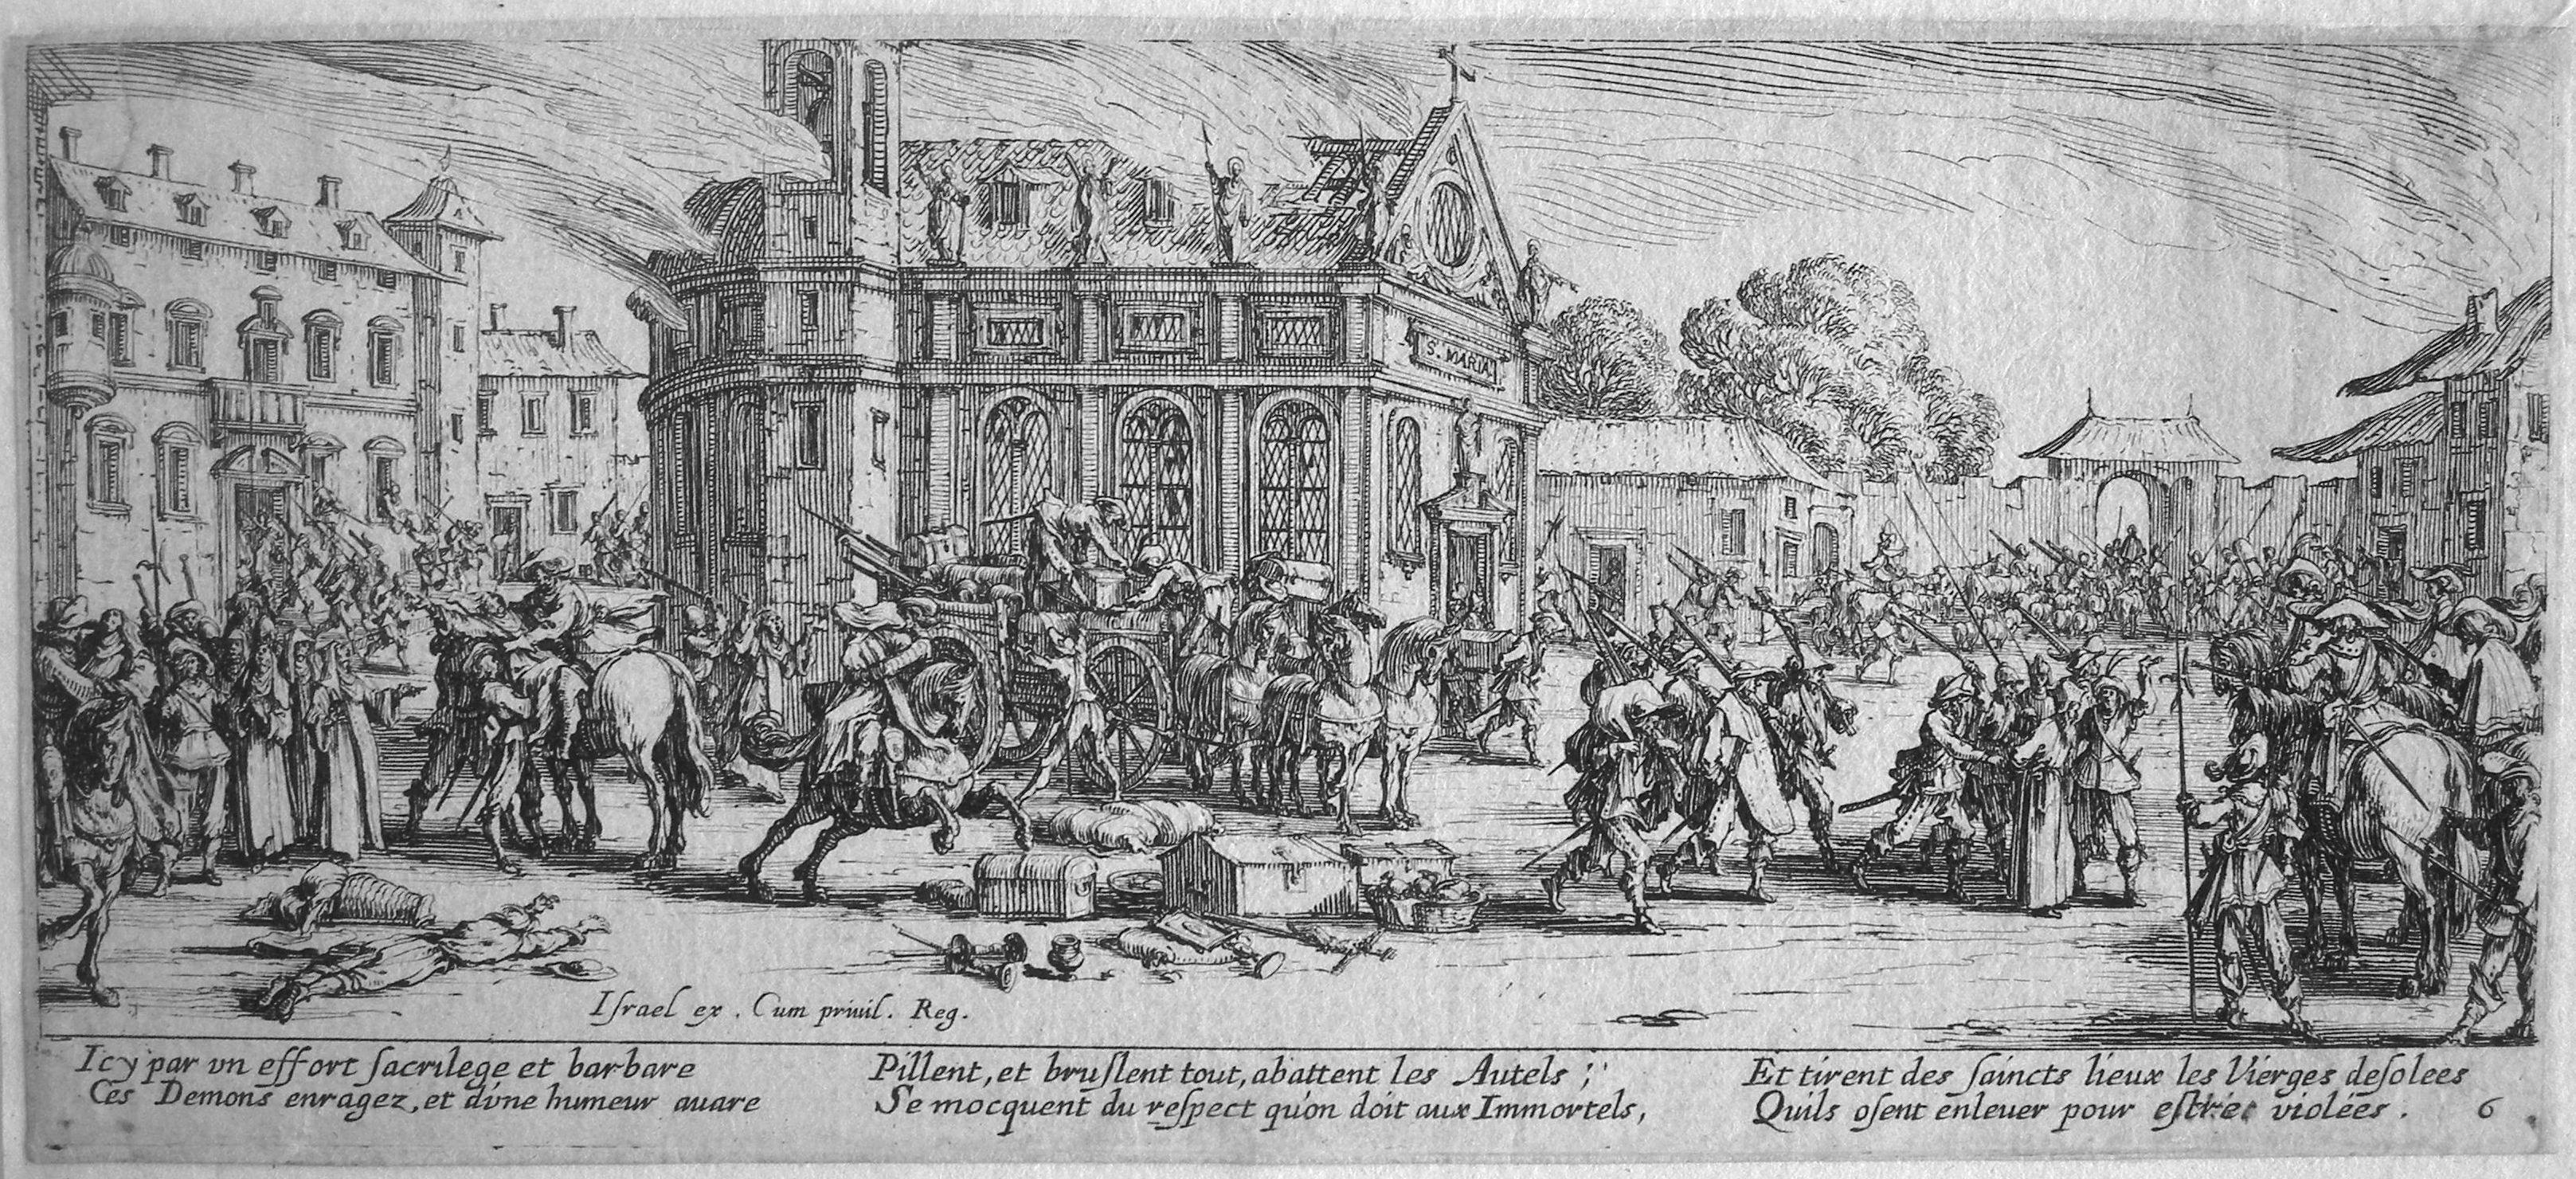 Les grandes misères de la guerre de Jacques Callot - dévastation d'un monastère